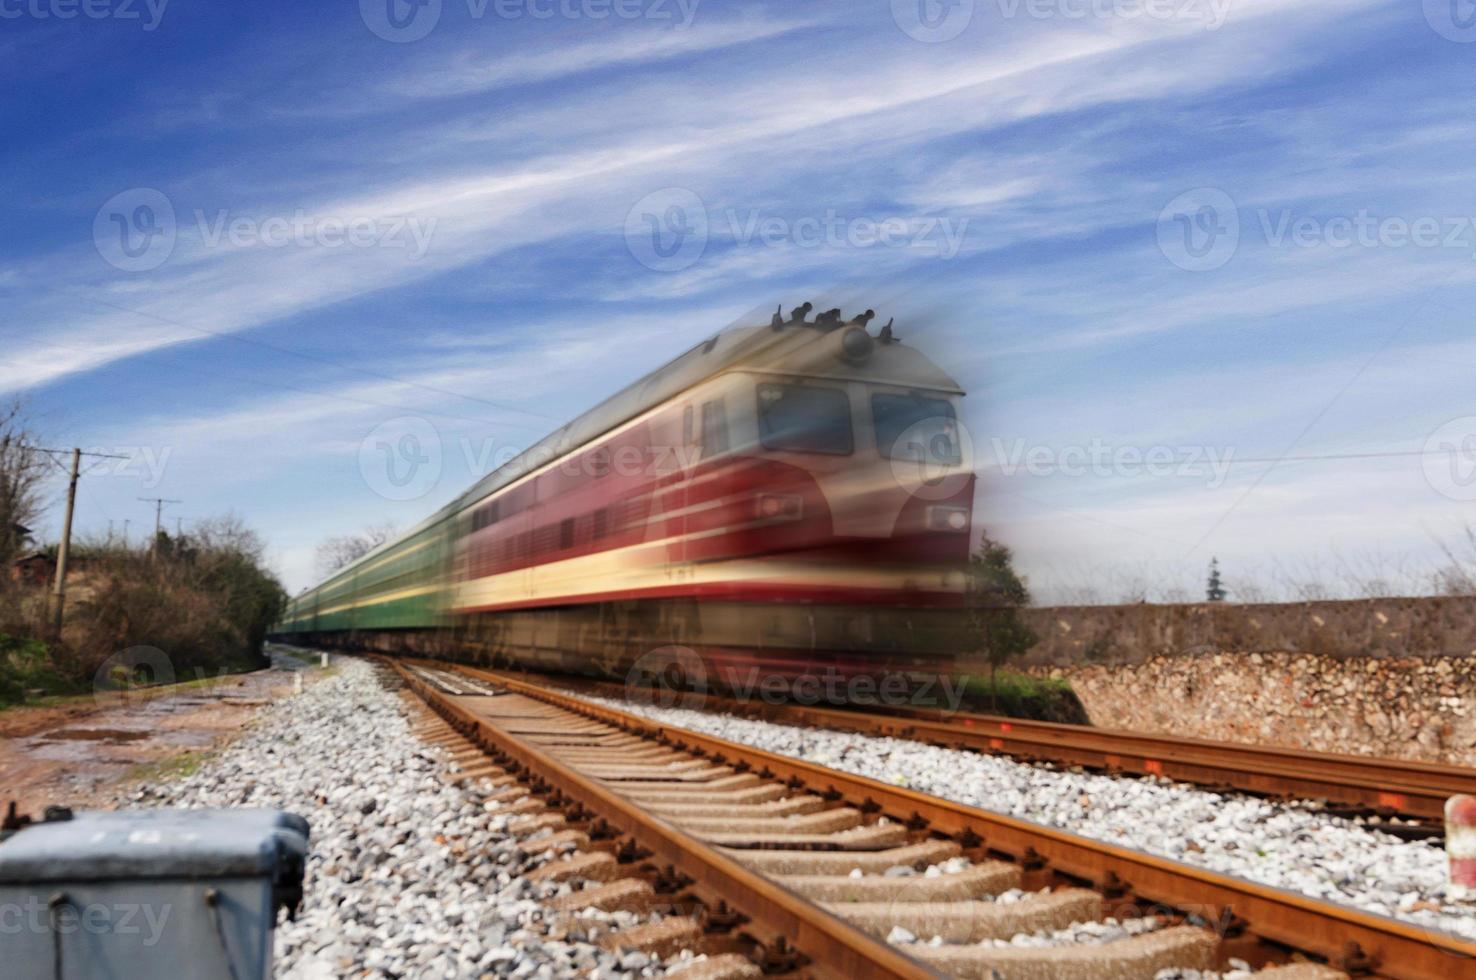 Weg vorwärts Eisenbahn foto